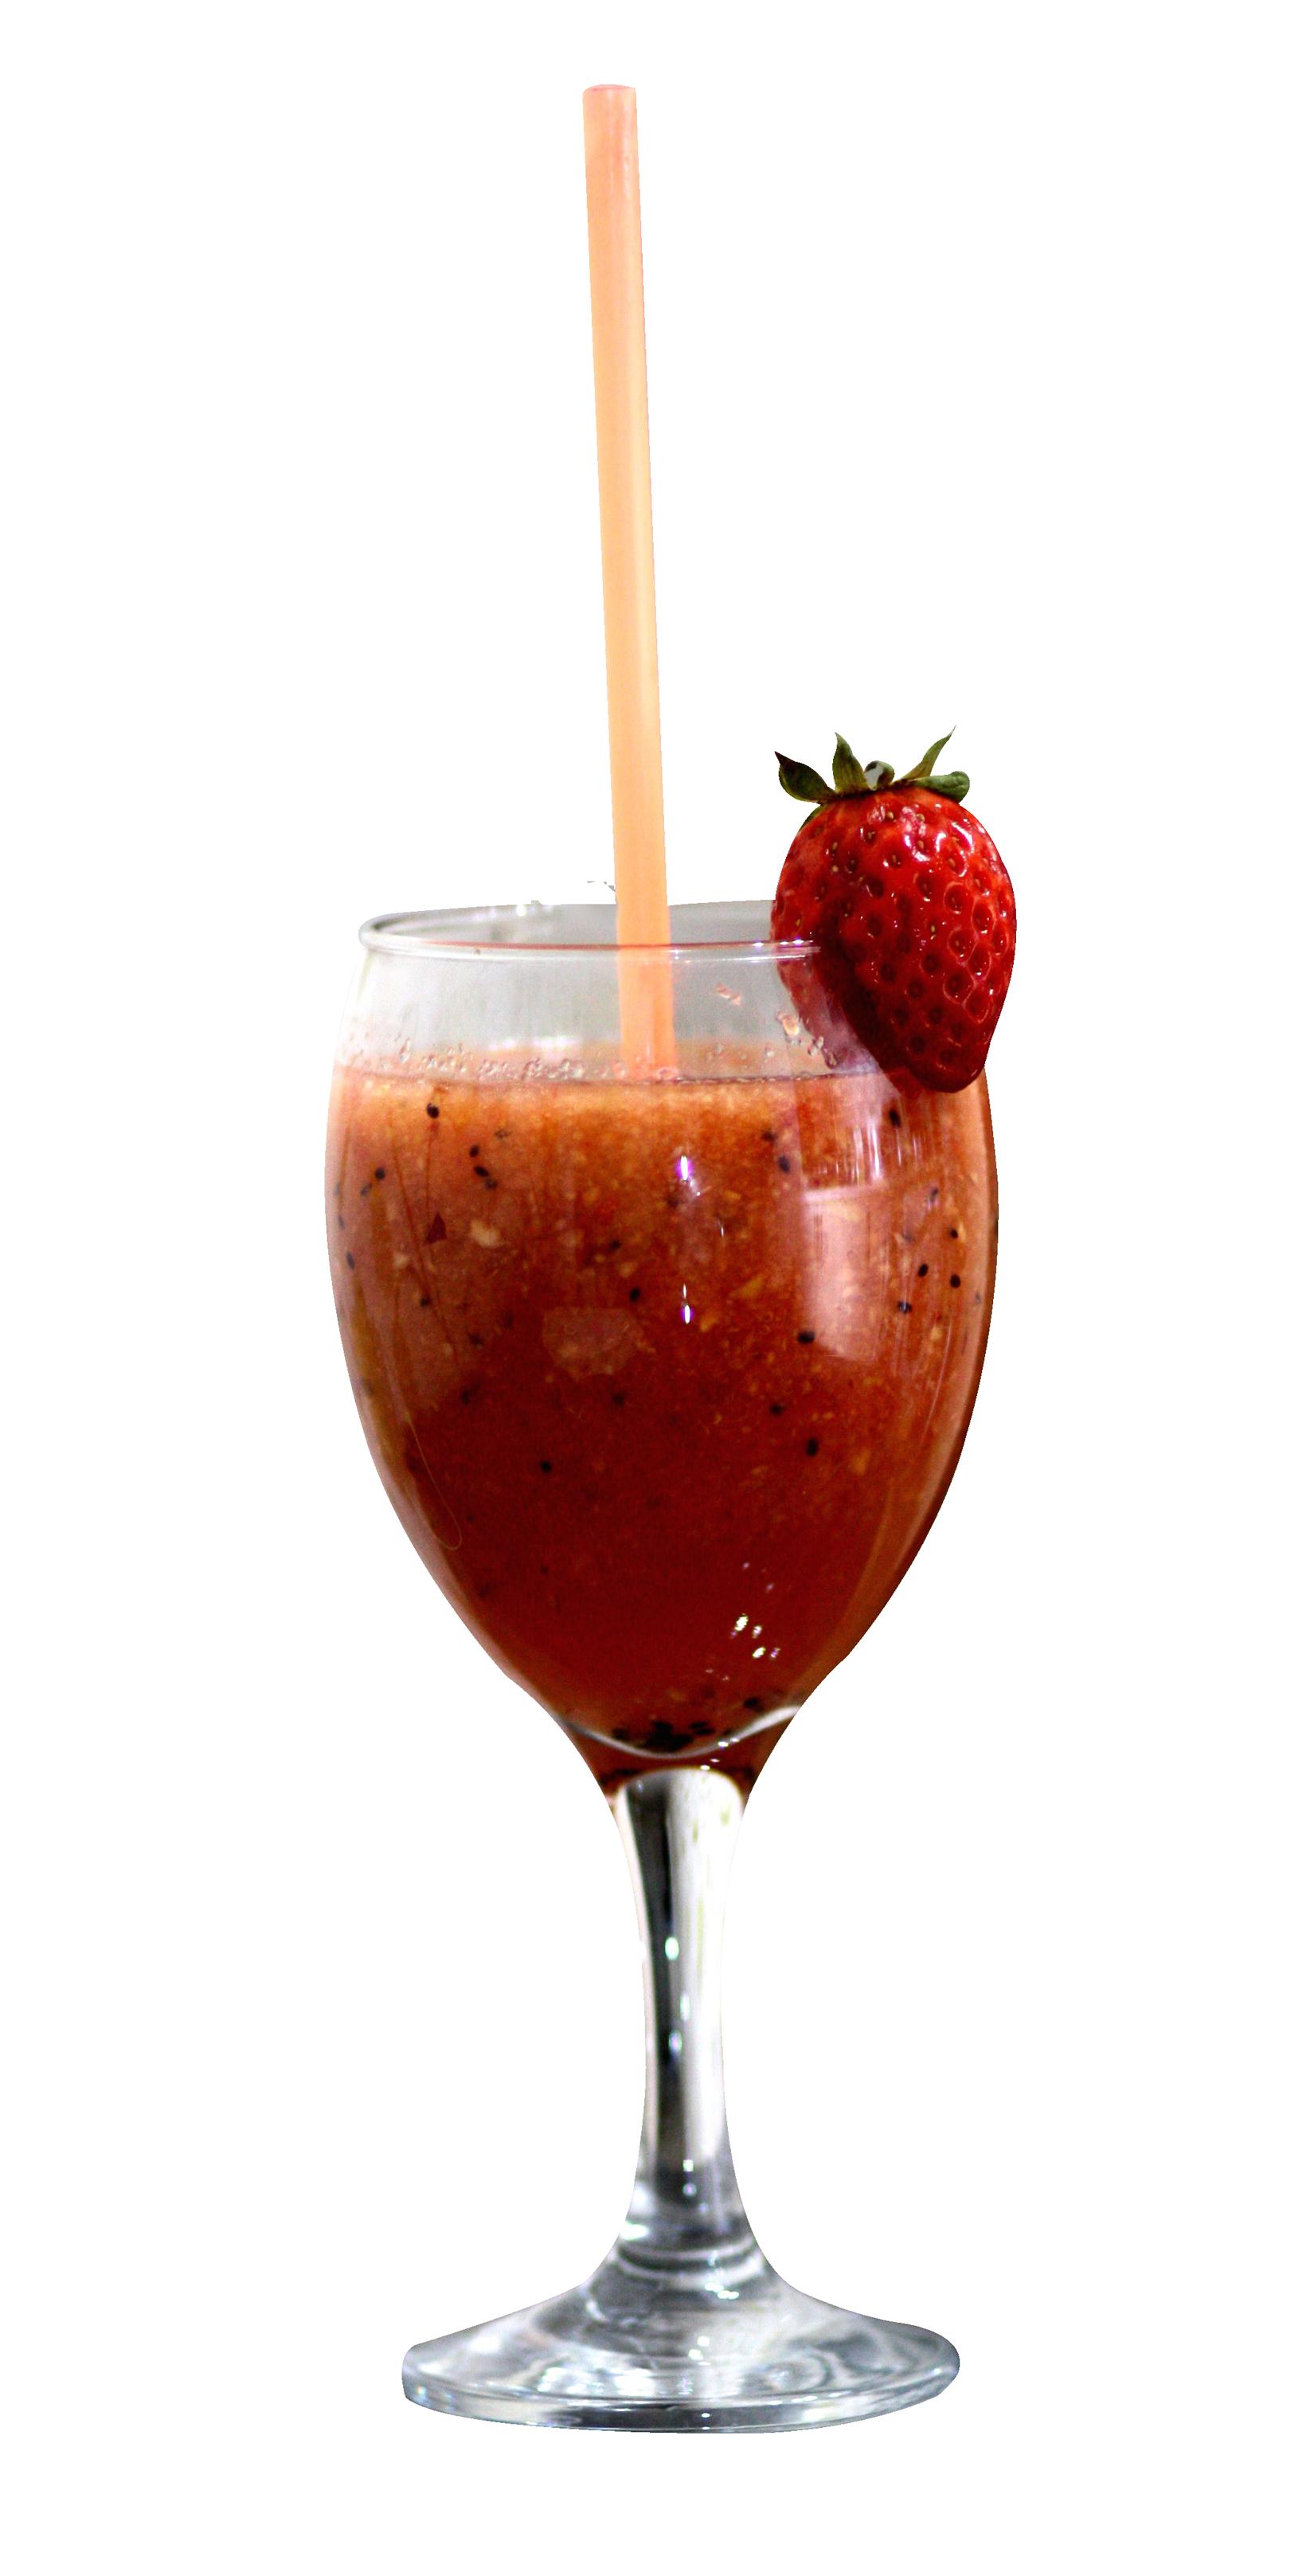 Cocktail clipart prosecco. Png images pngpix transparent